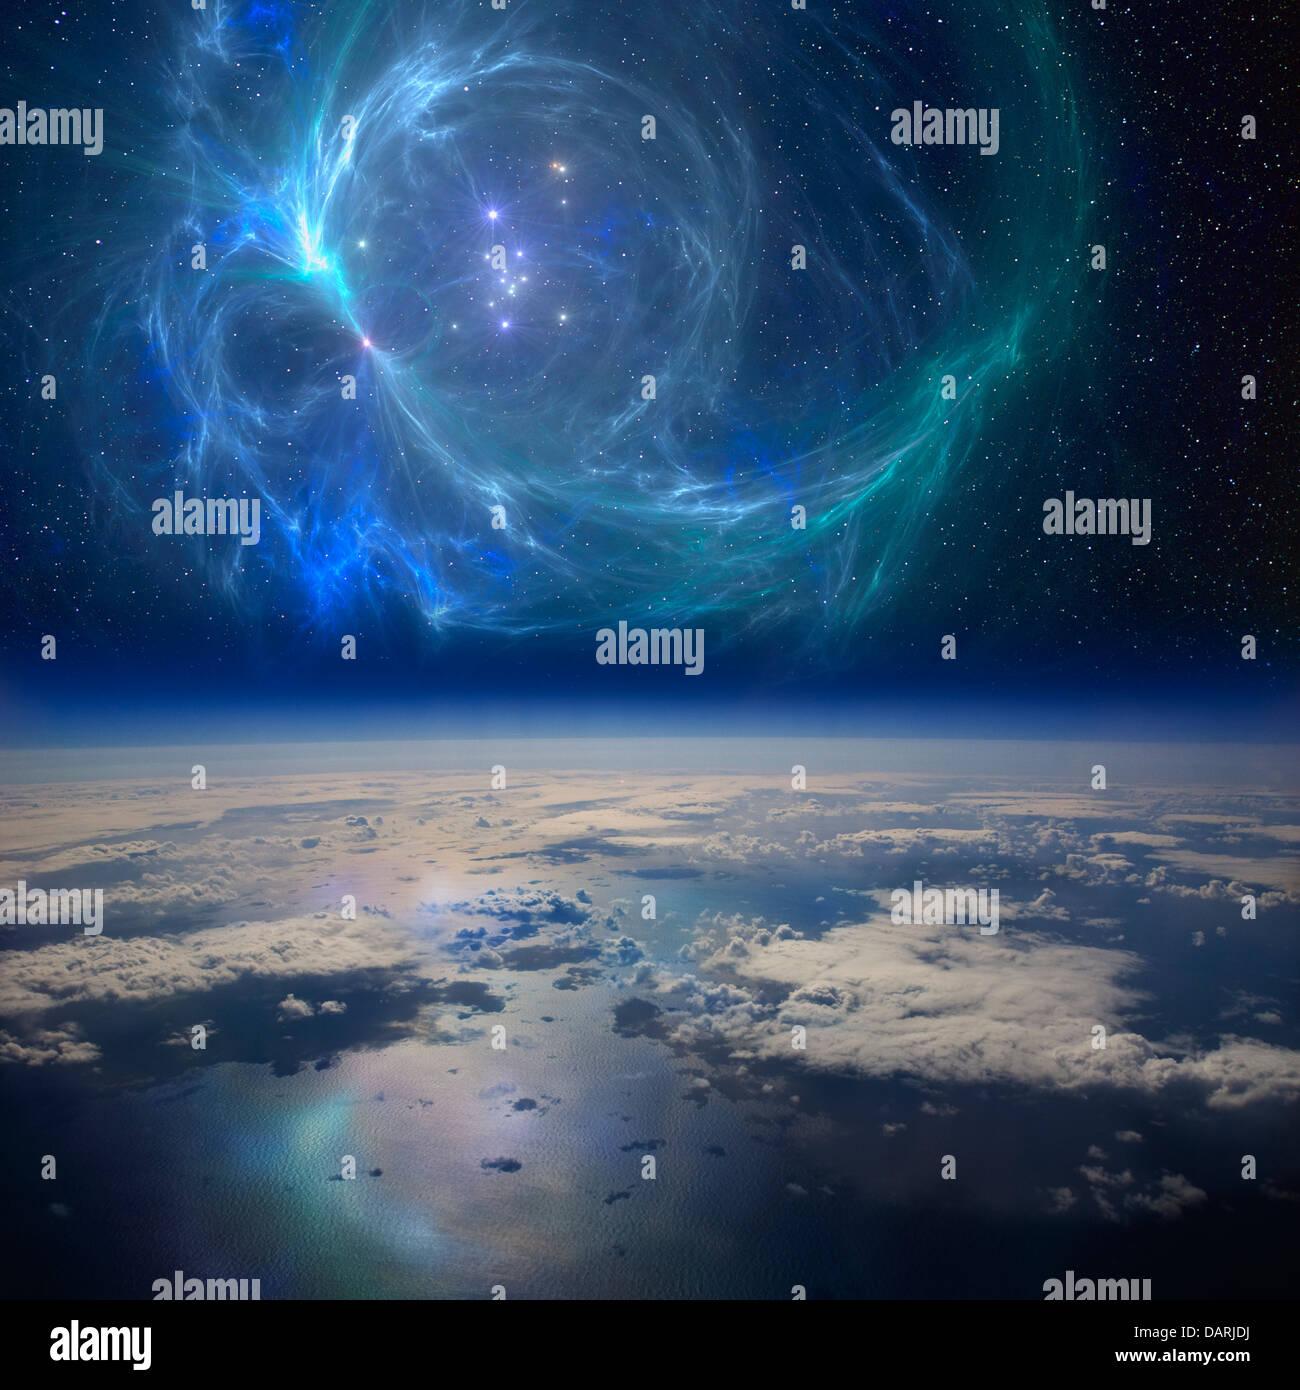 La terre près d'un bel nebula dans l'espace. A conceptual image composite. Photo Stock